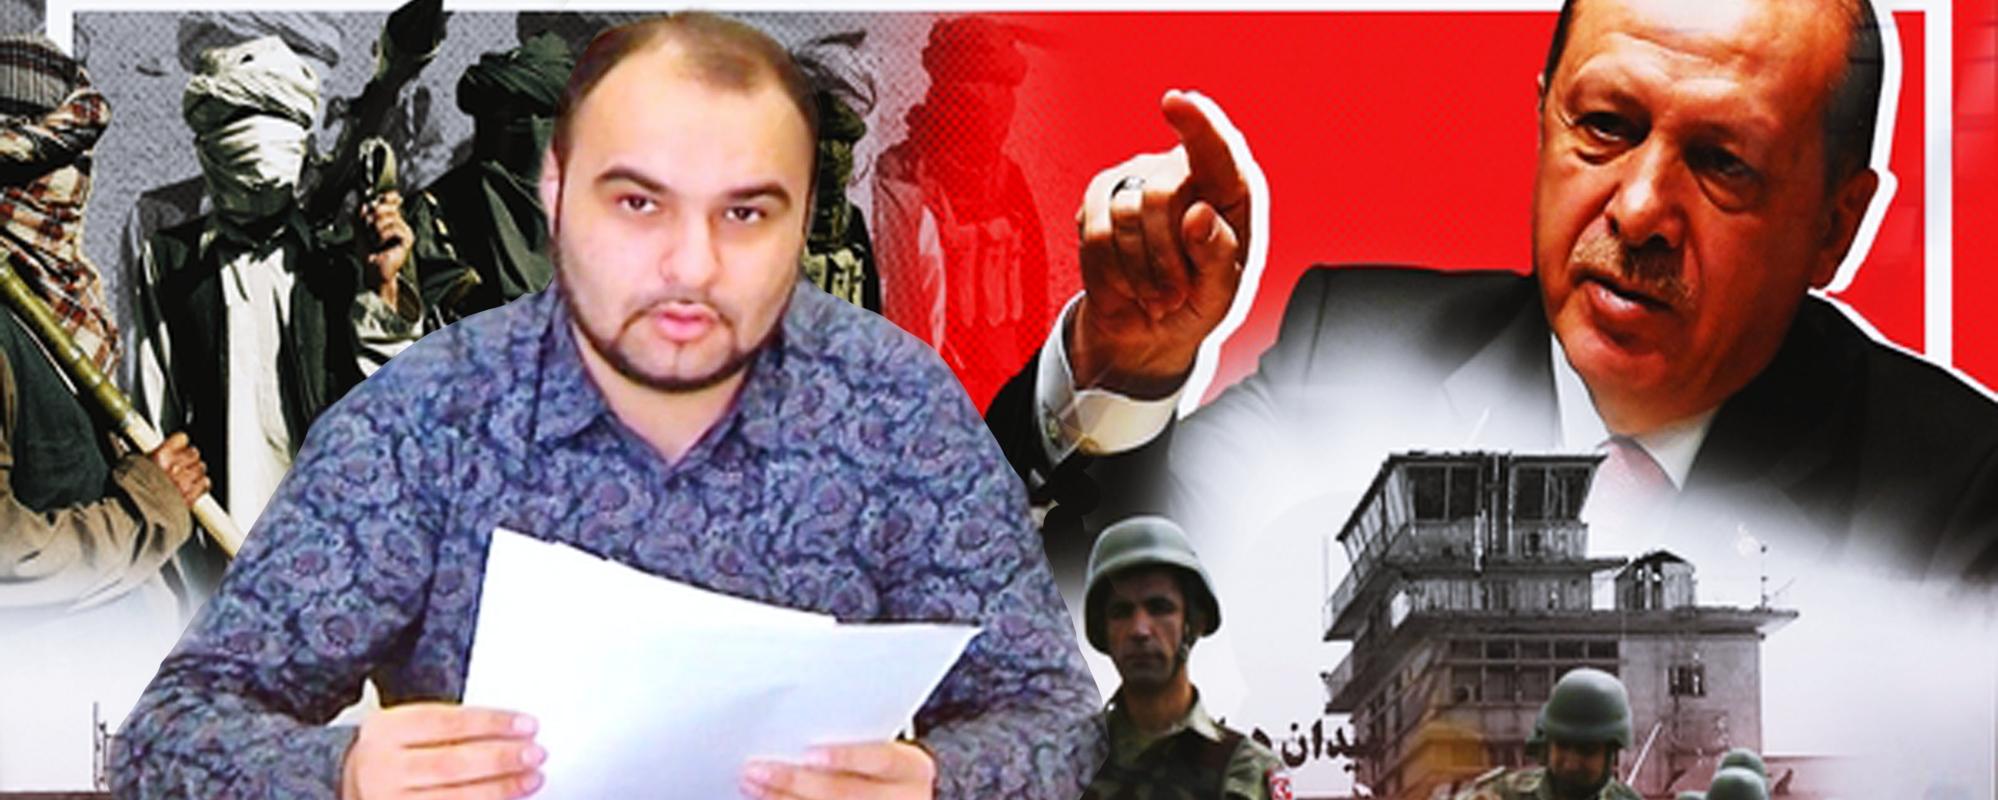 Ультиматум талибов: Турция балансирует на грани войны с Афганистаном